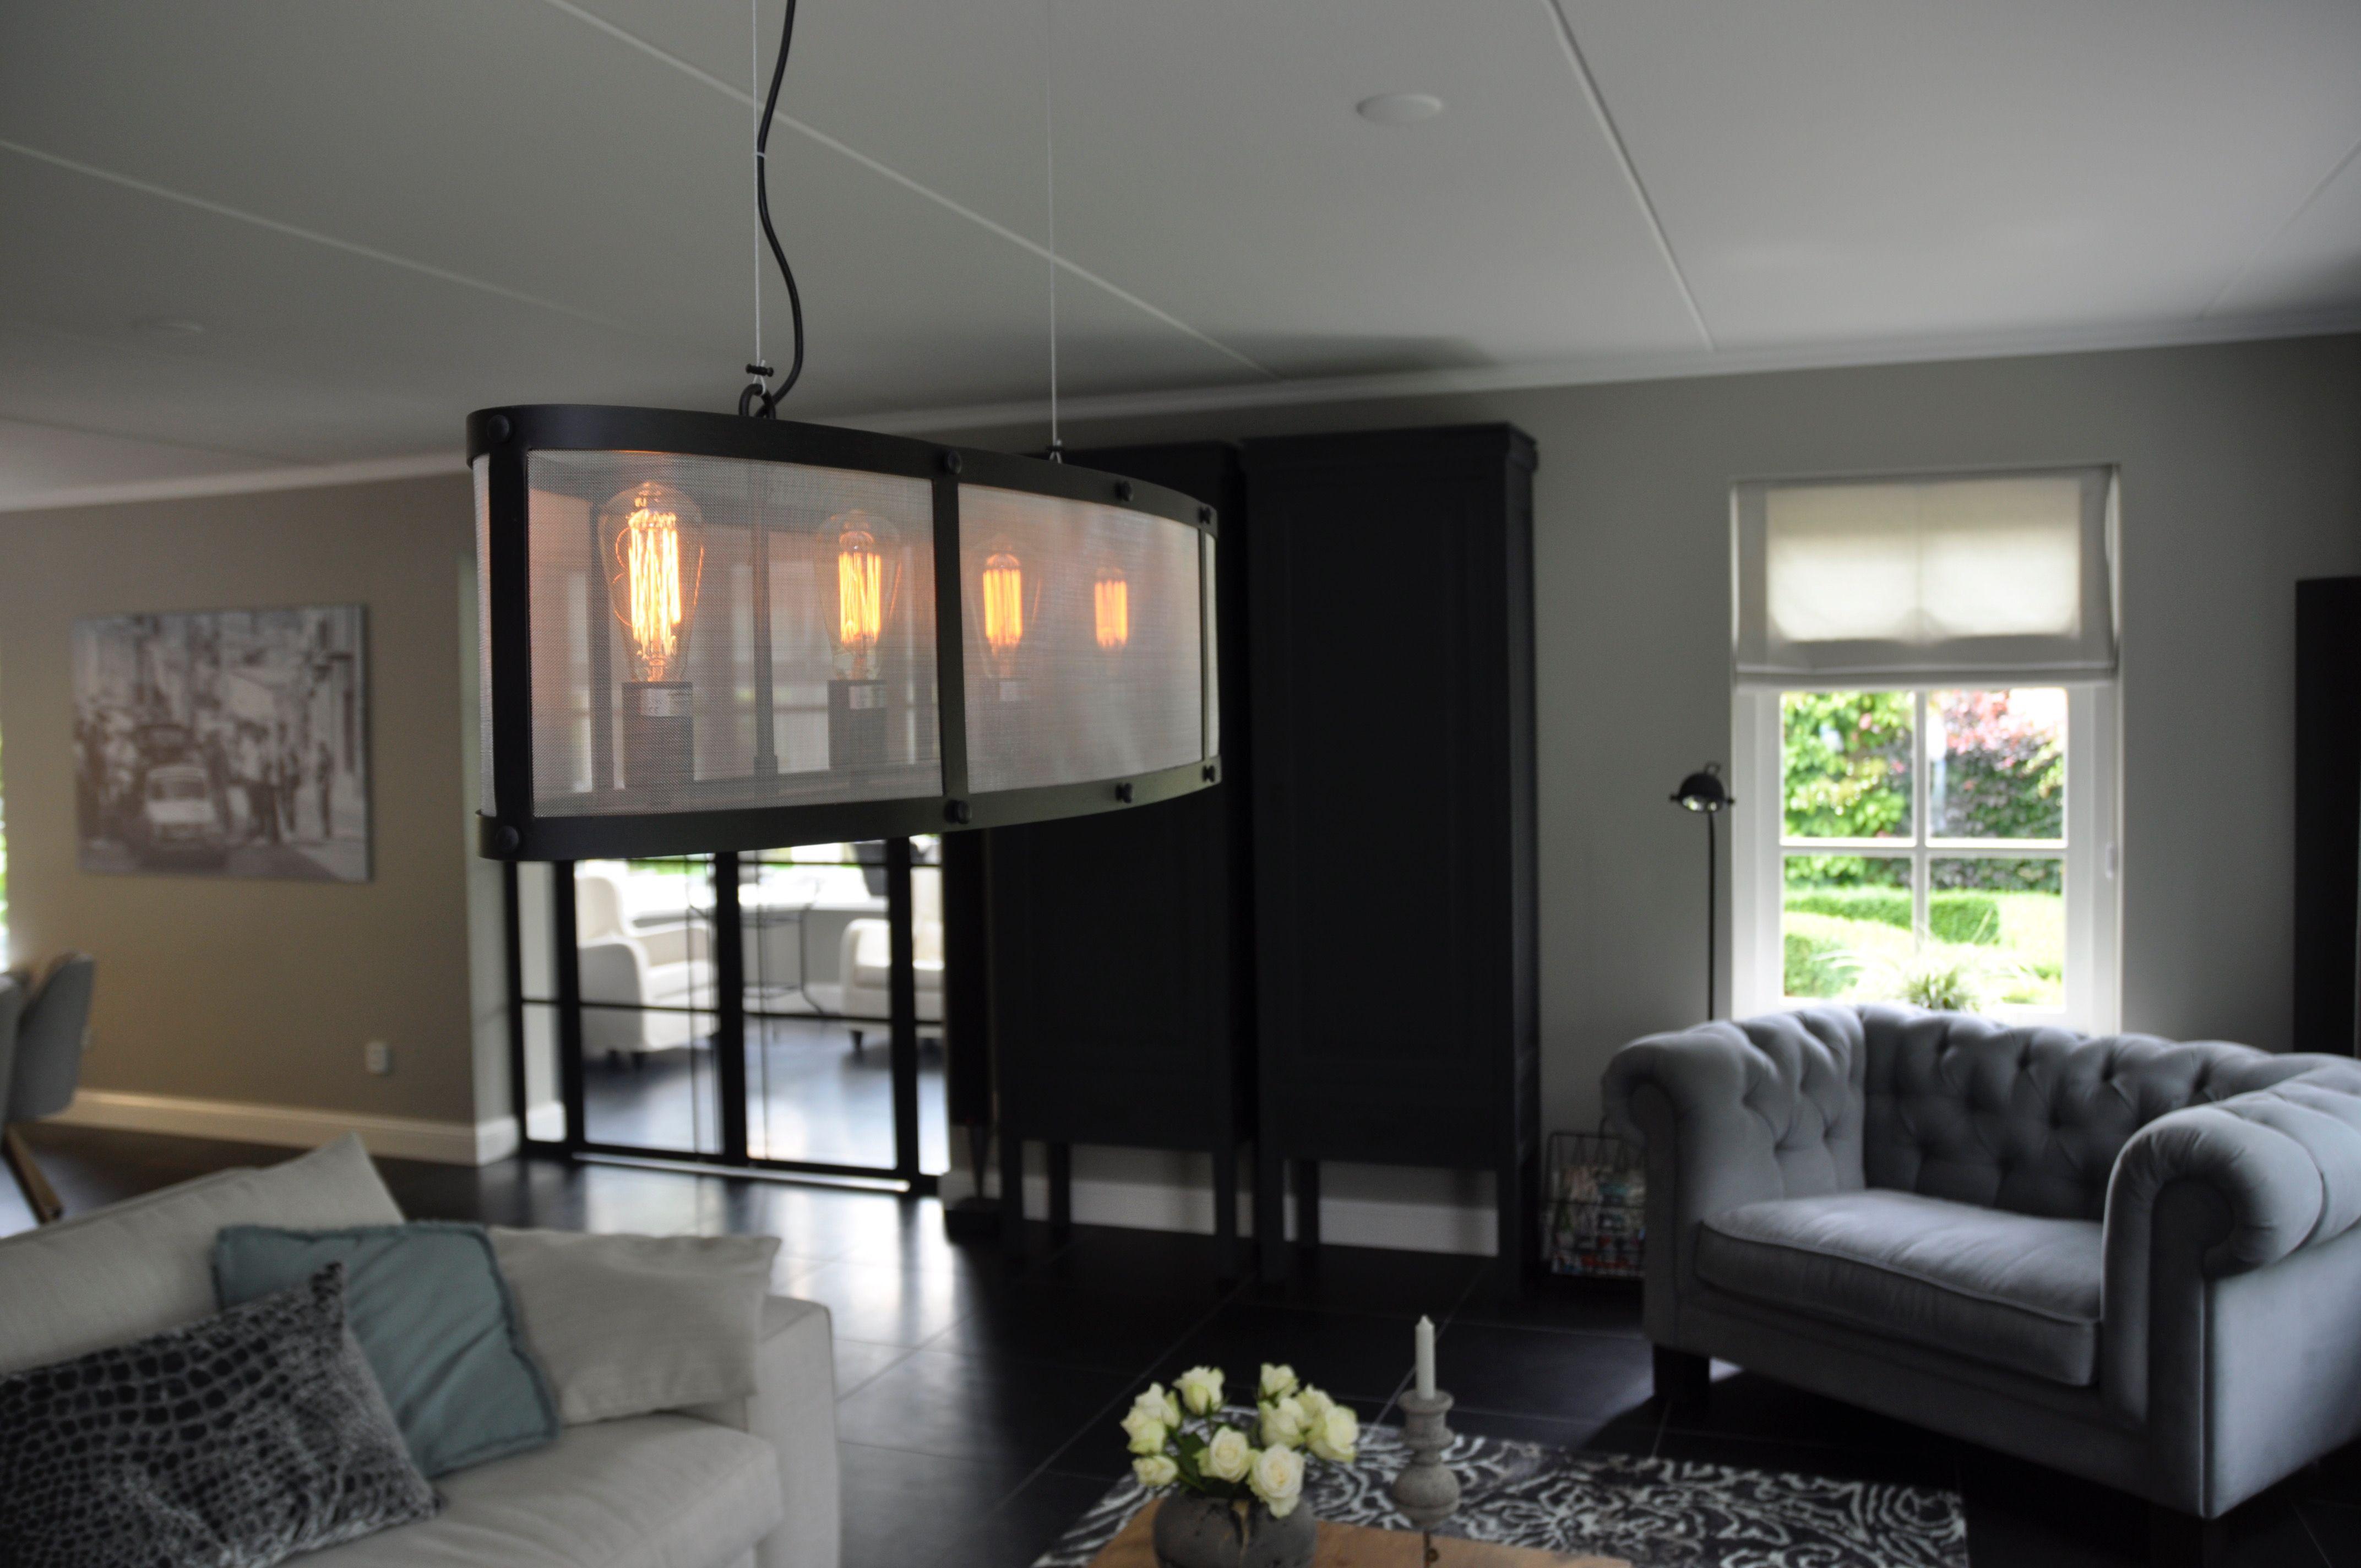 Interieur idee woonkamer - Novitaz | Pinterest - Staal, Hanglamp en ...